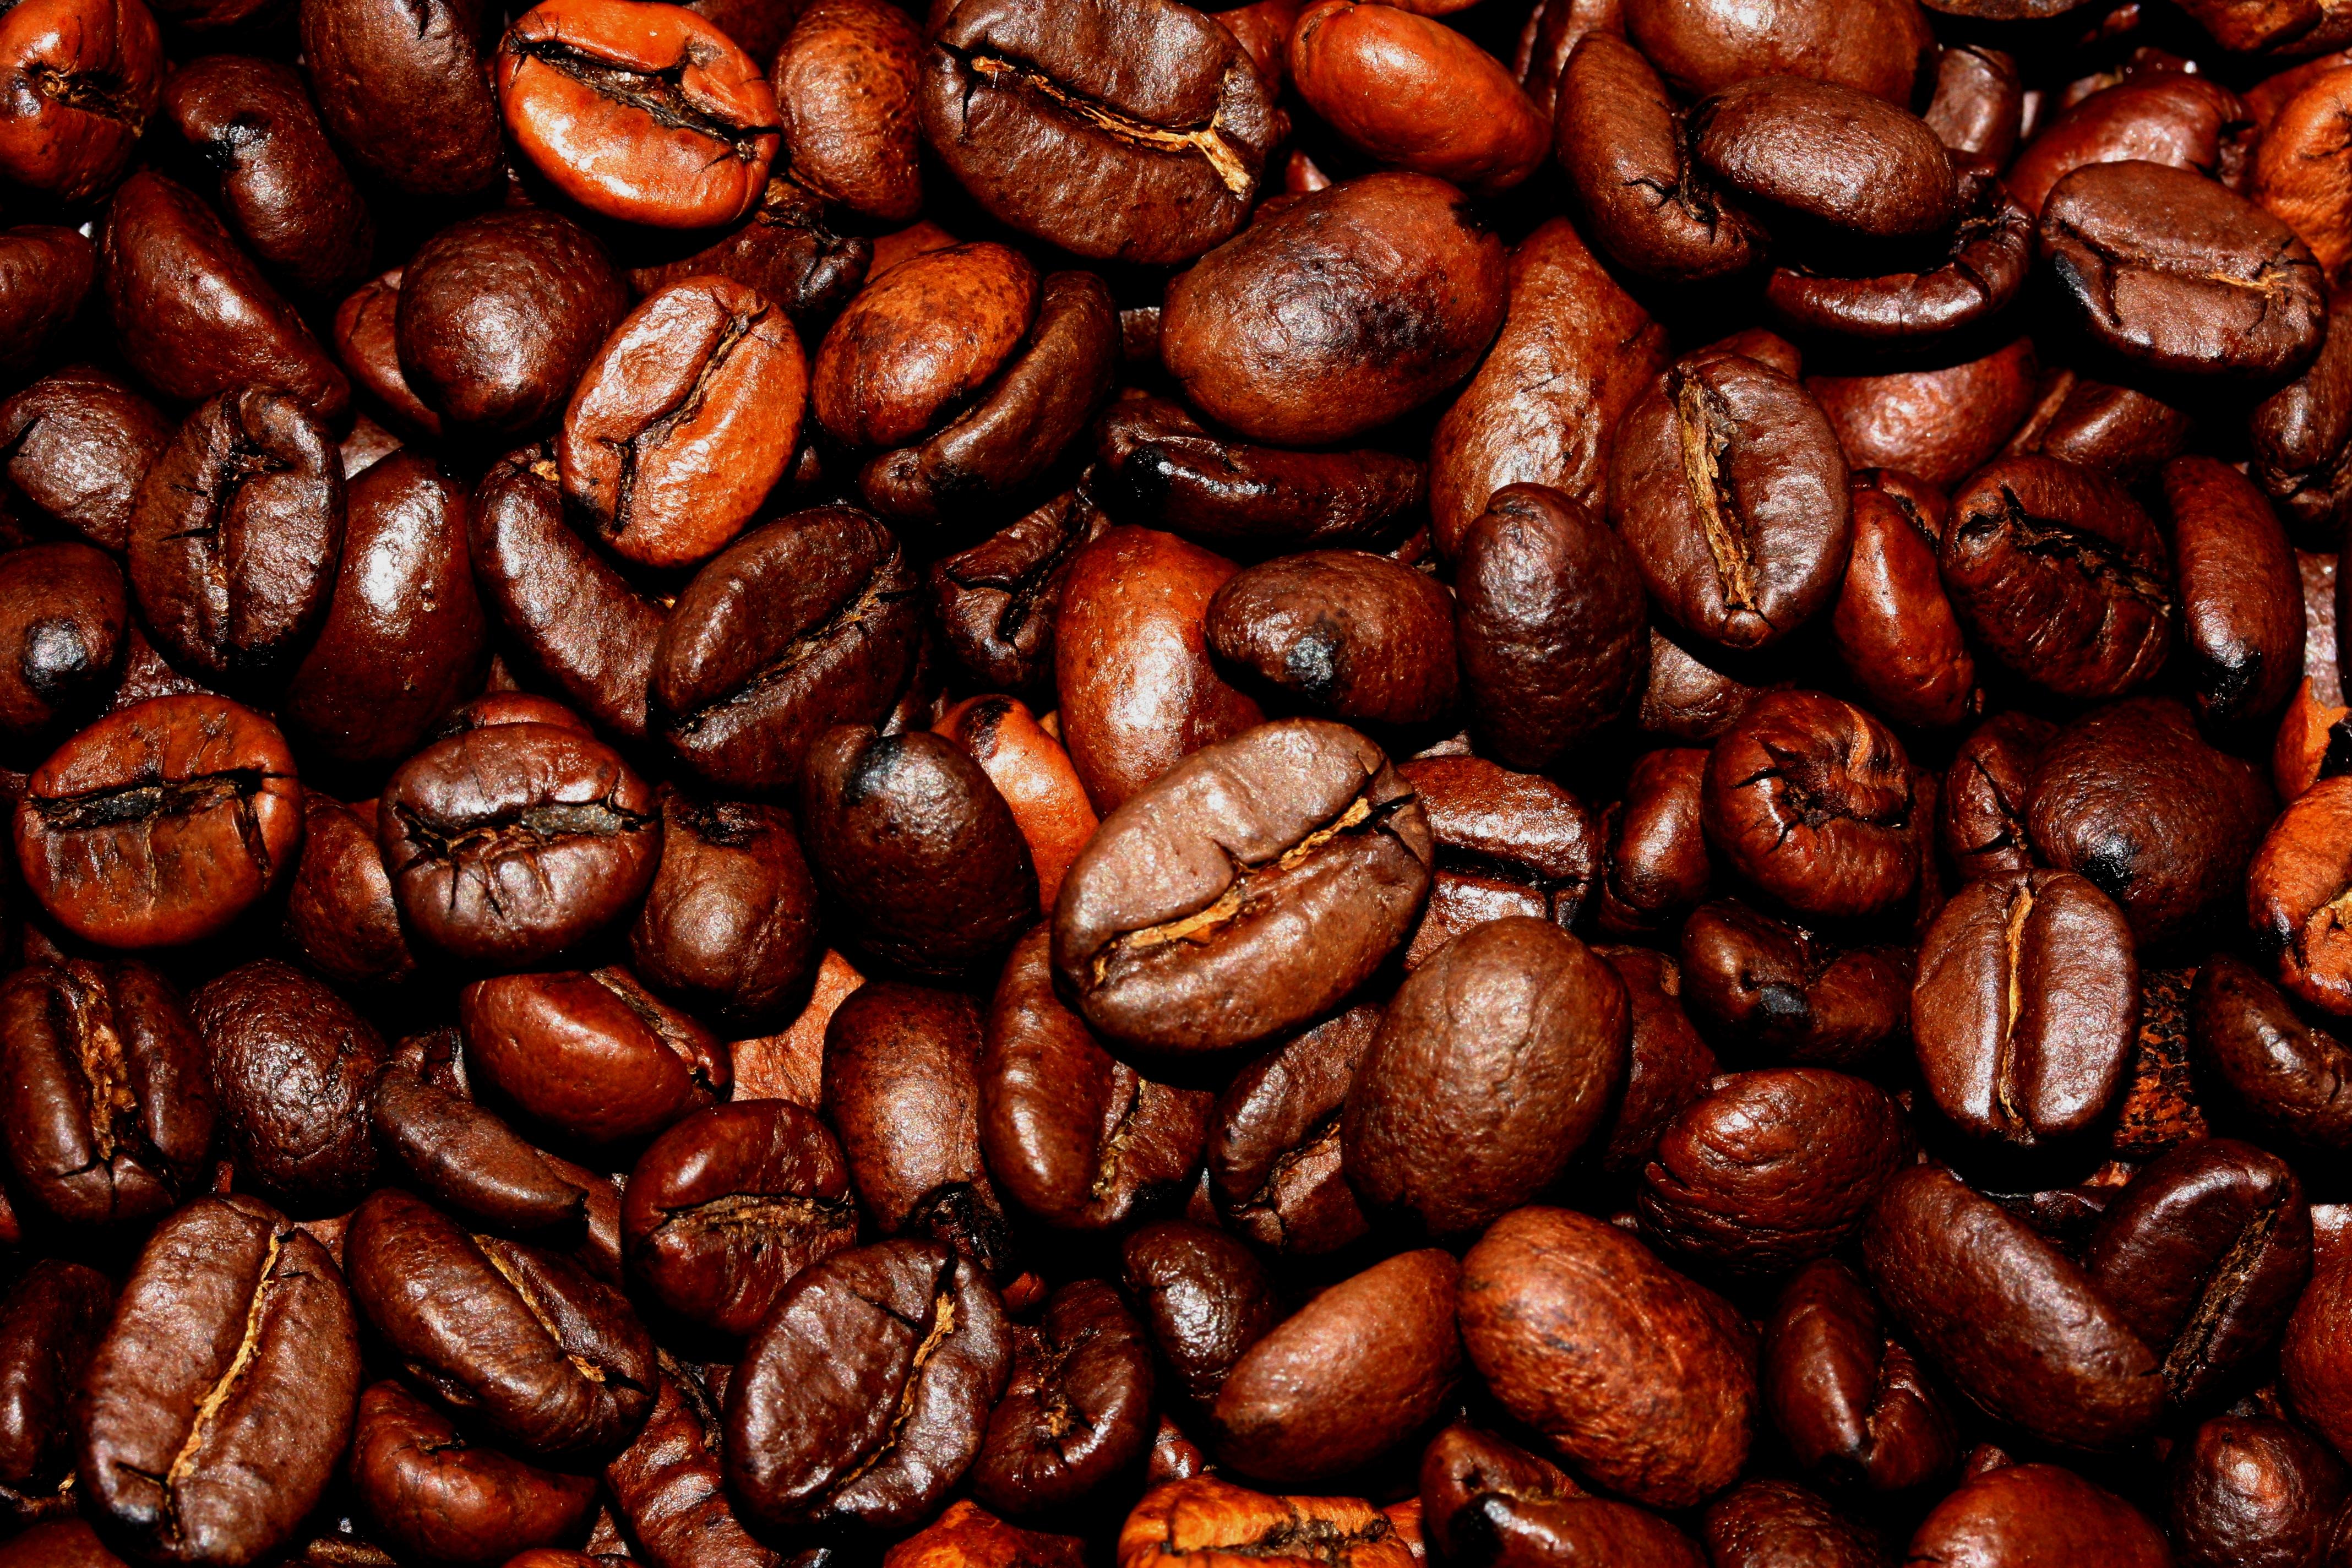 изображения кофе: